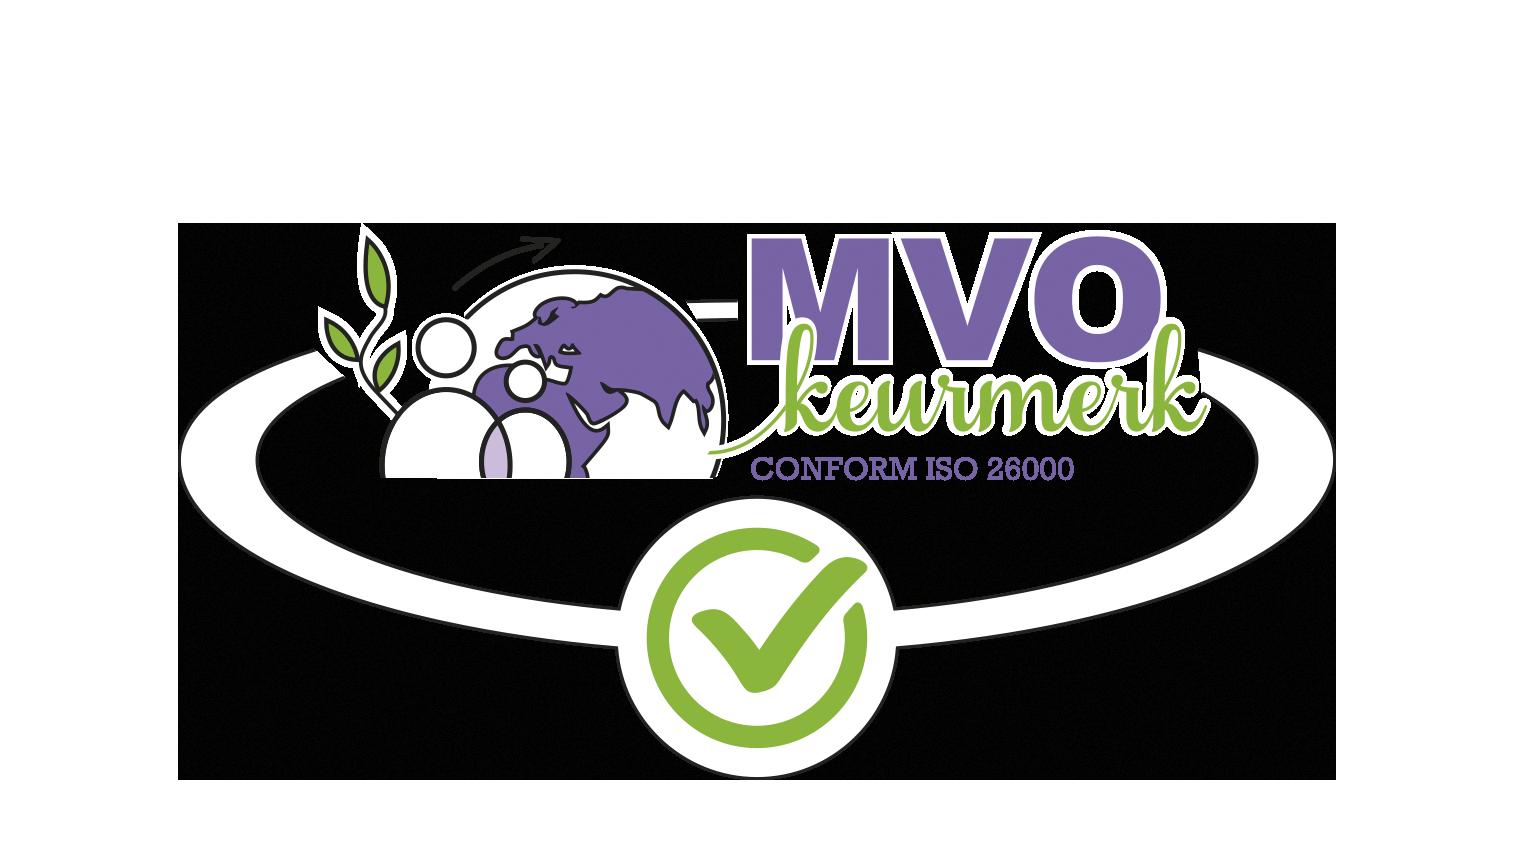 MVO-logo DEF 280621